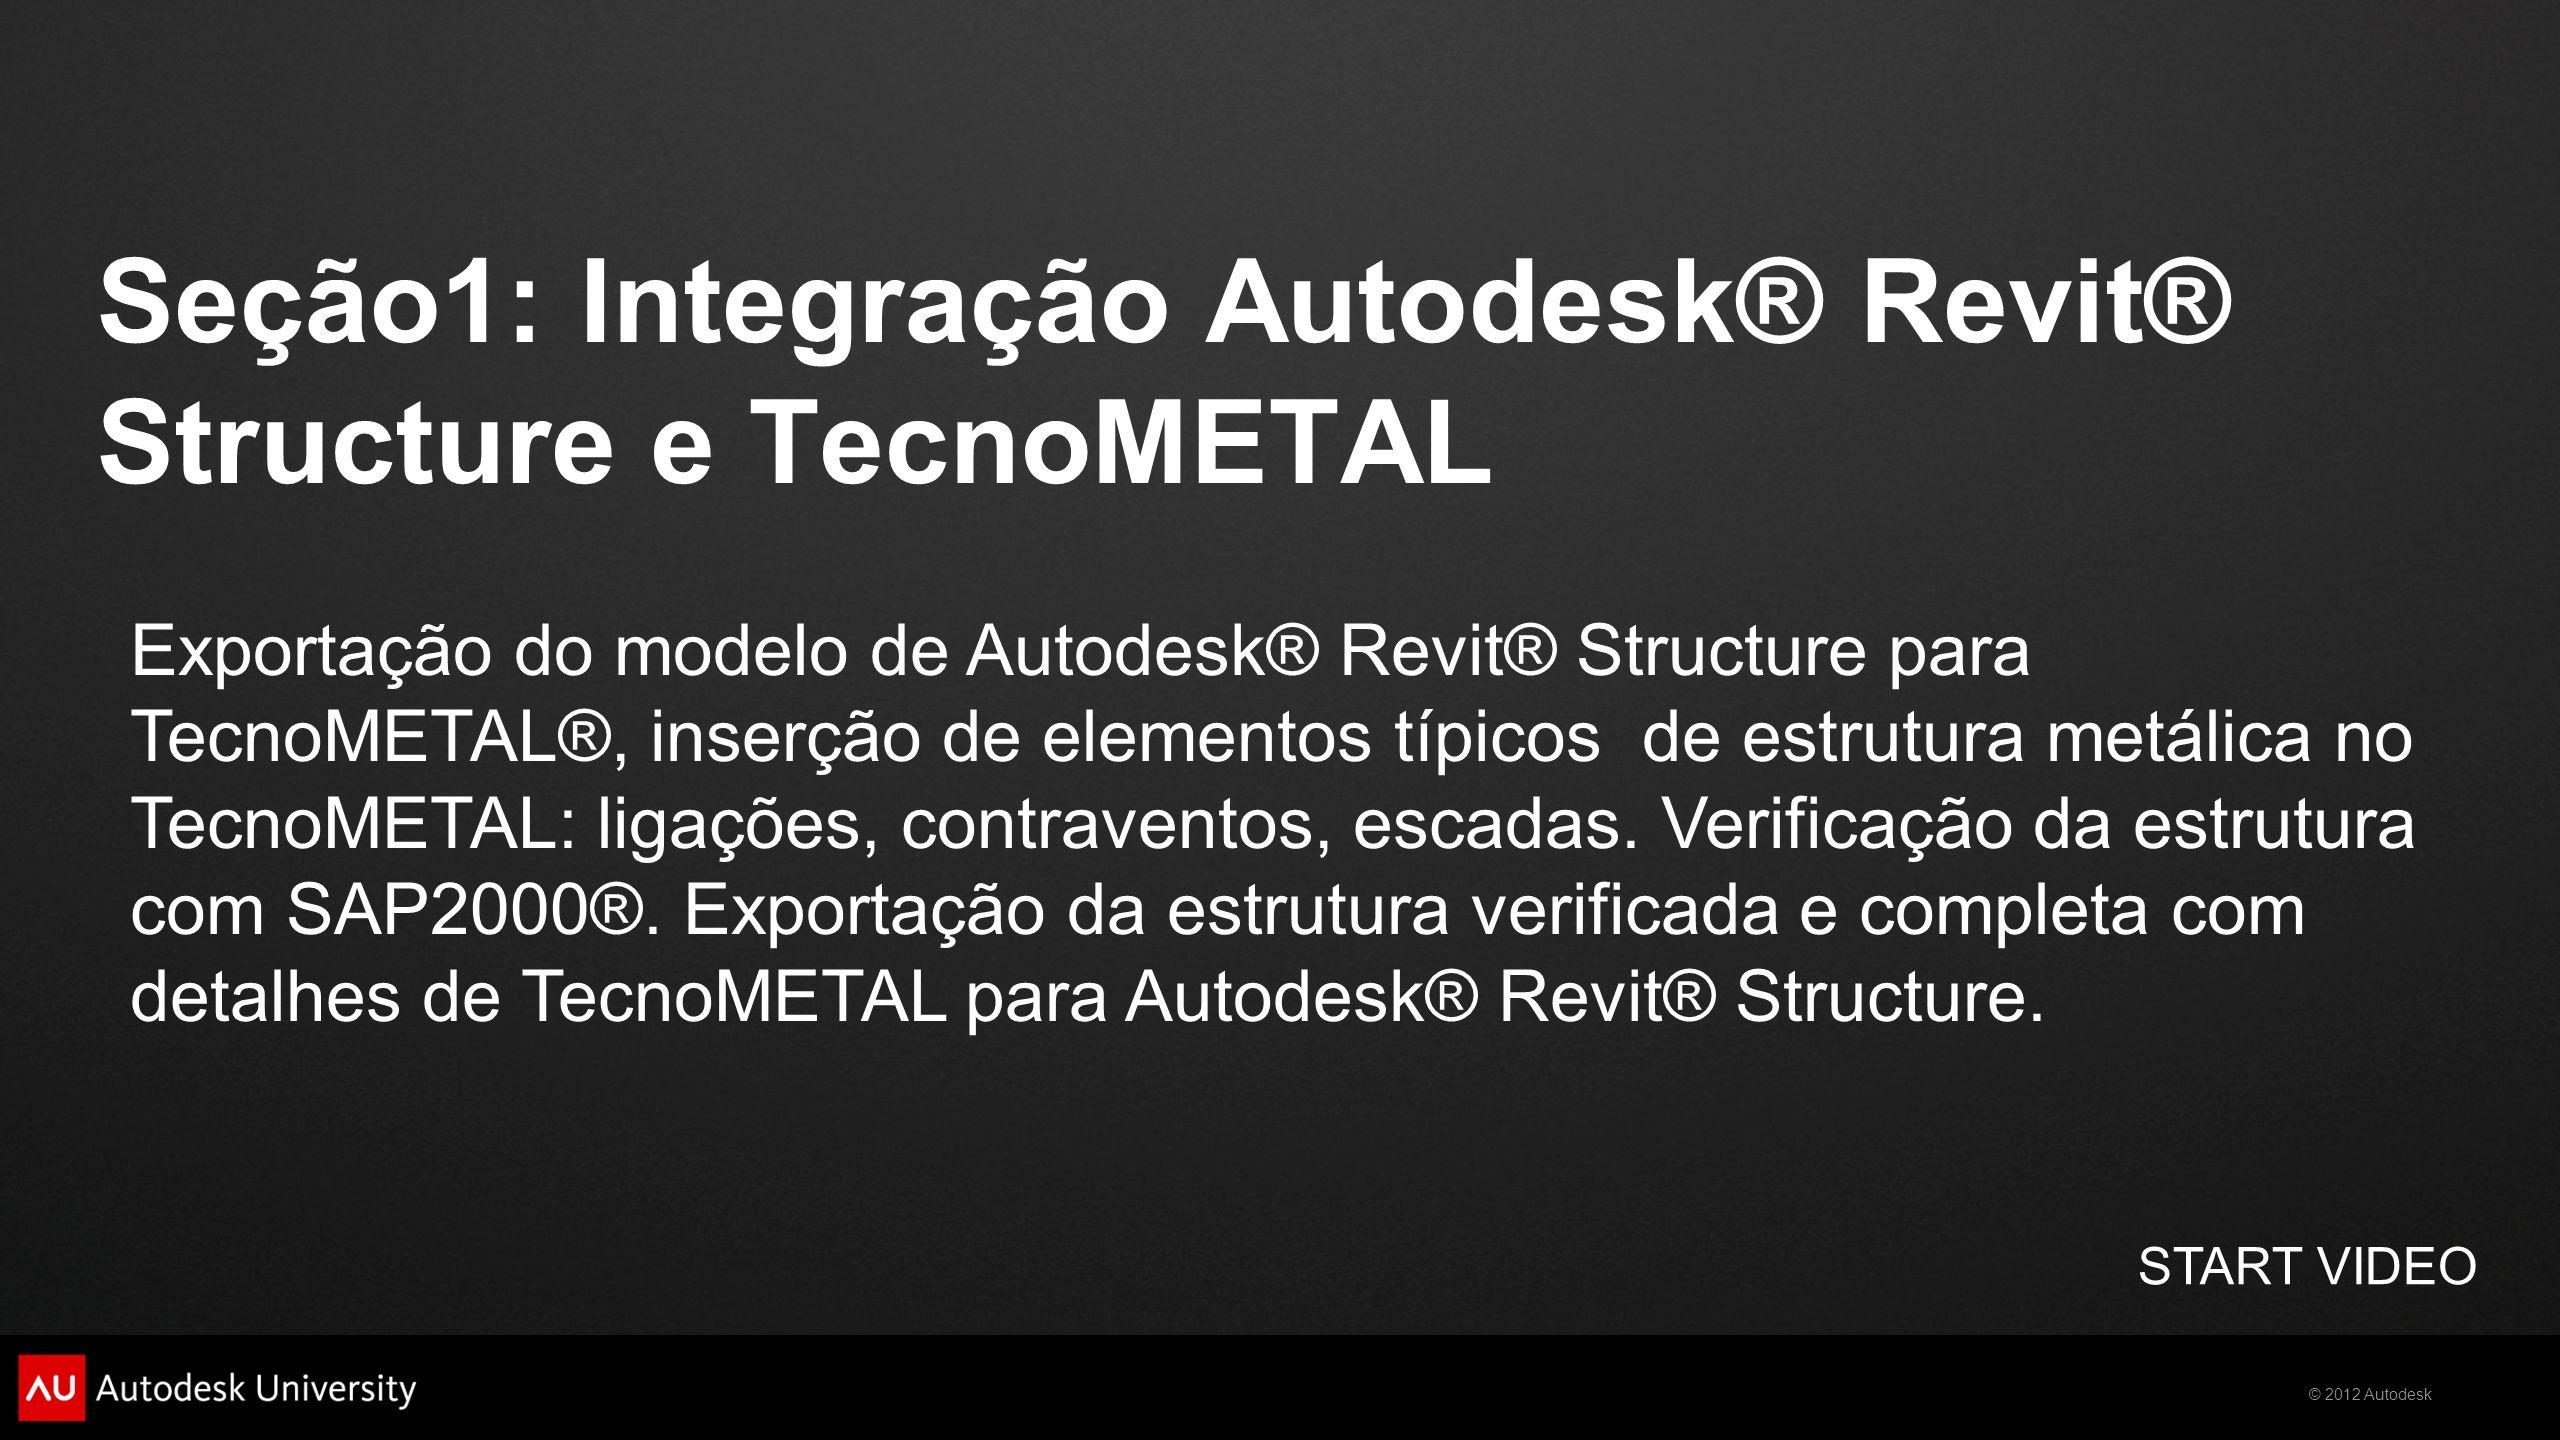 Seção1: Integração Autodesk® Revit® Structure e TecnoMETAL